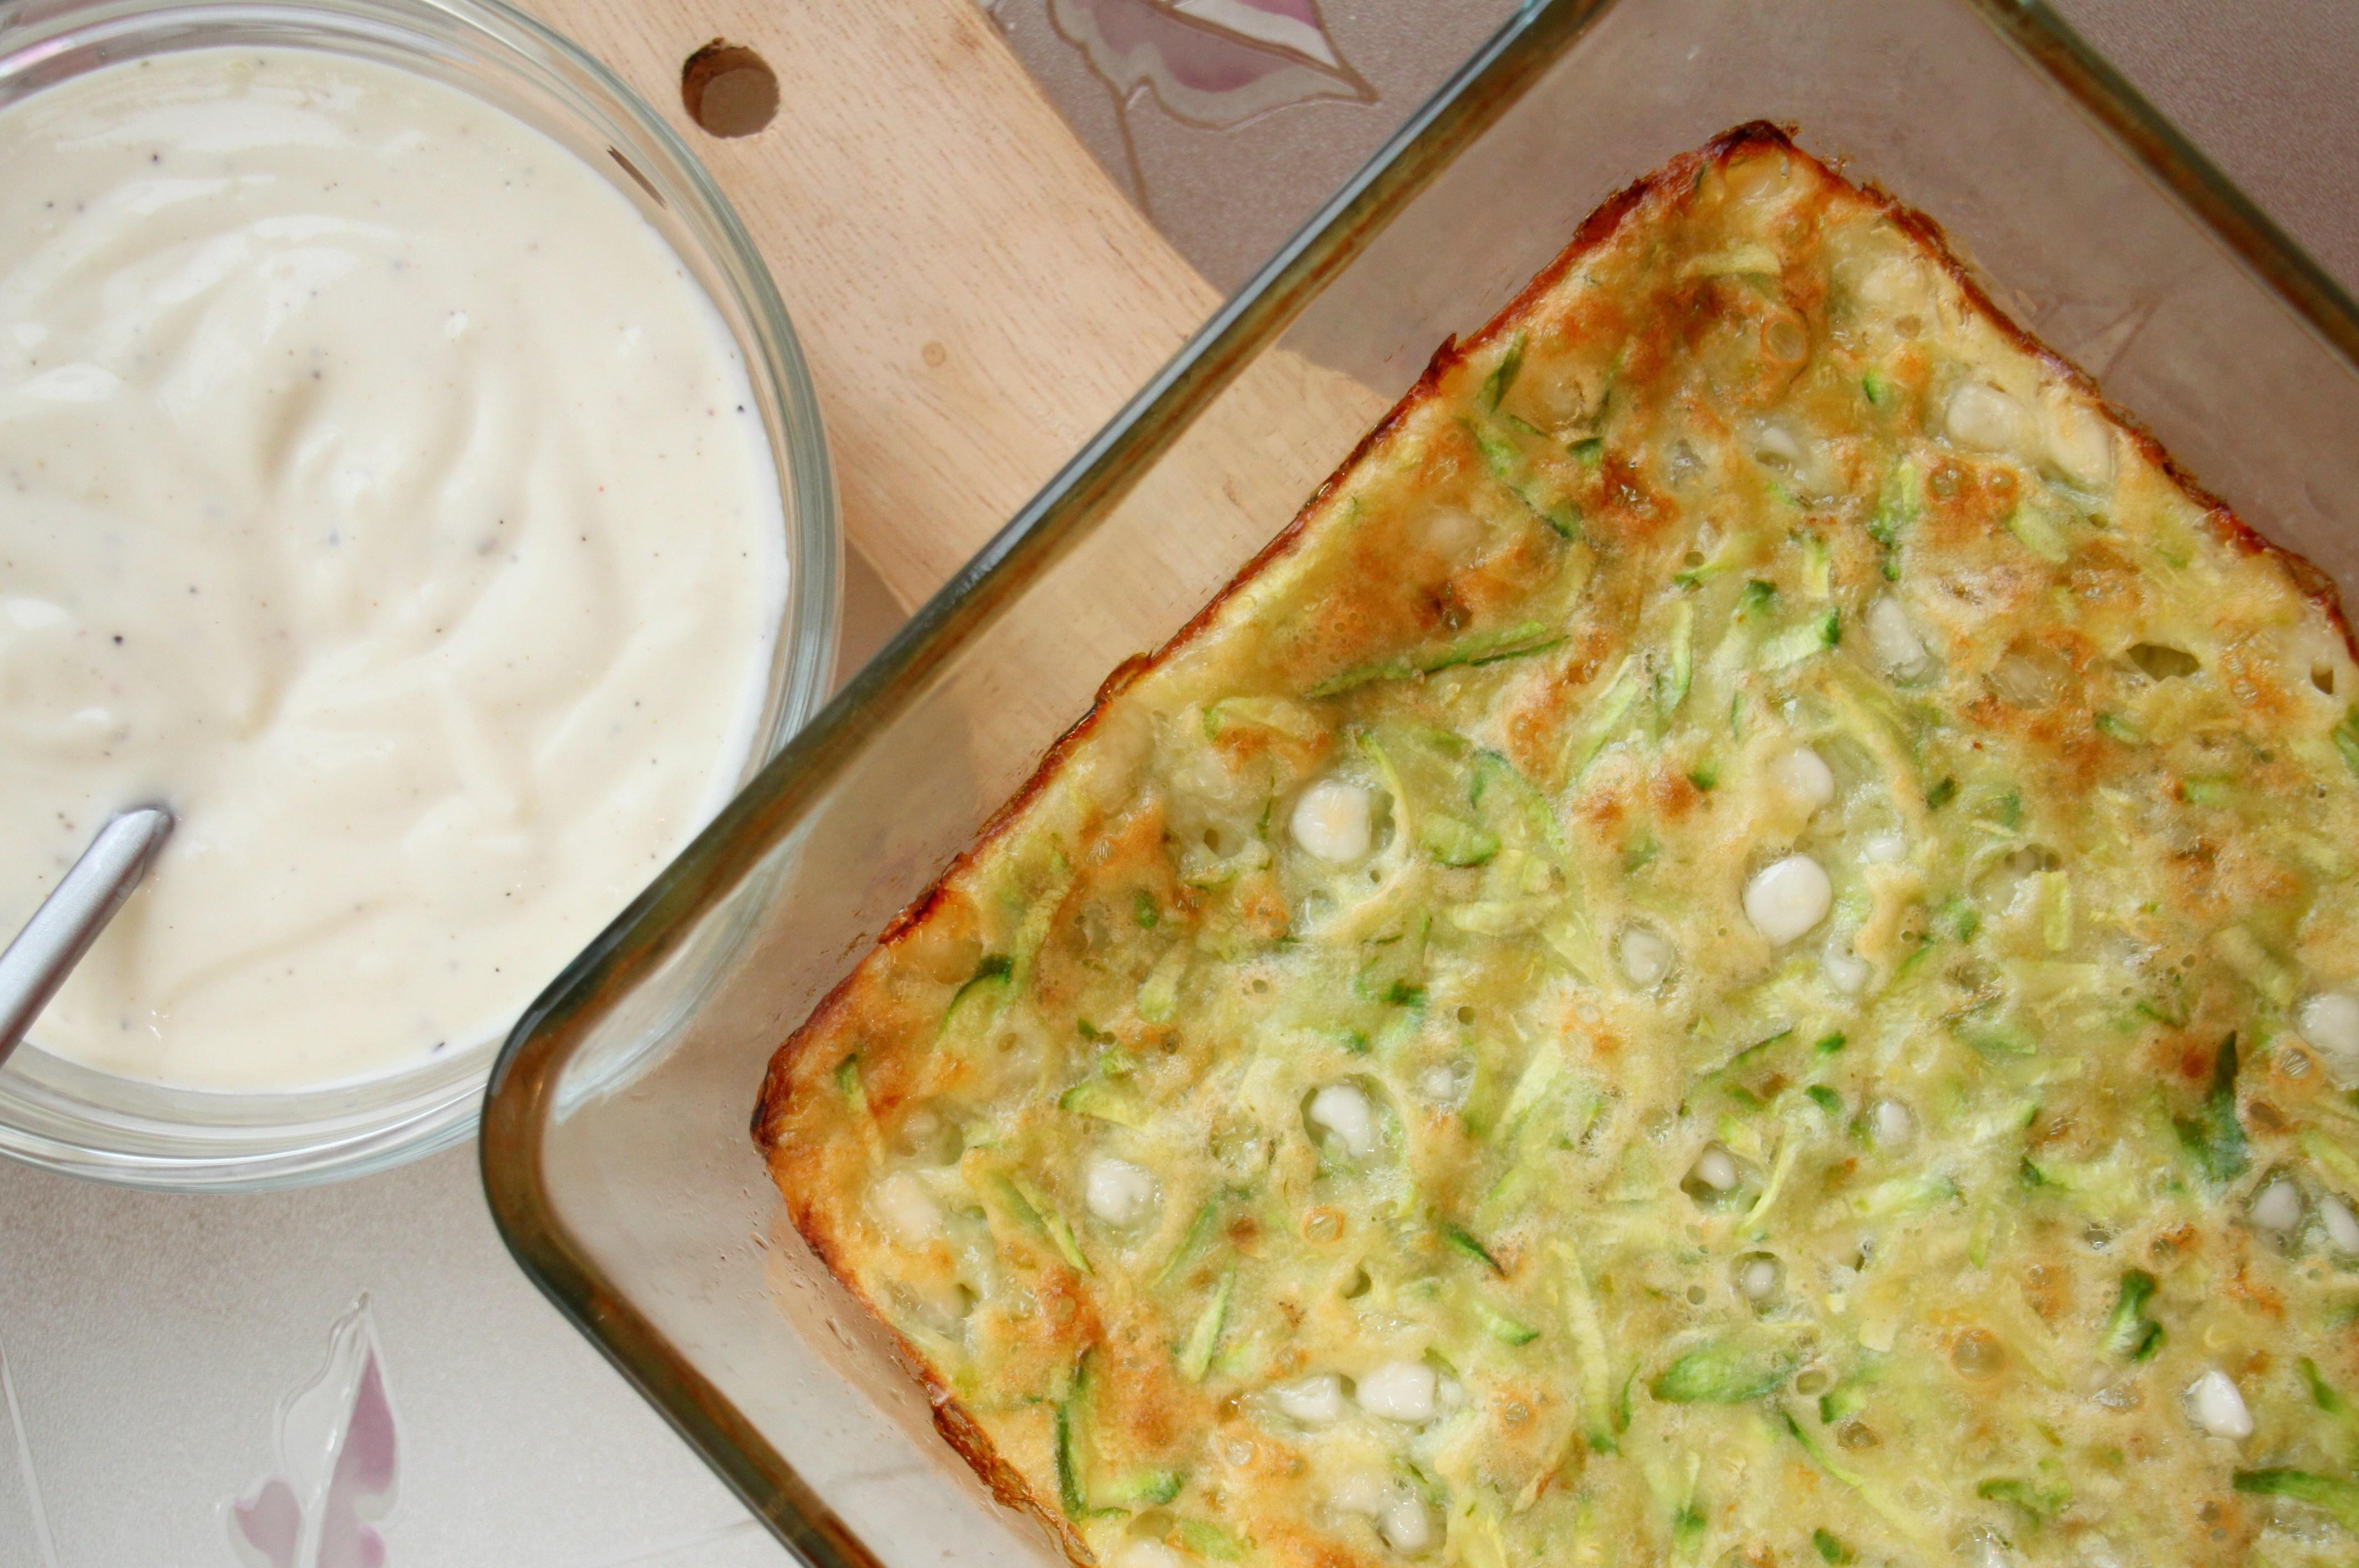 запеканка творожная нежирная рецепт в духовке без сметаны